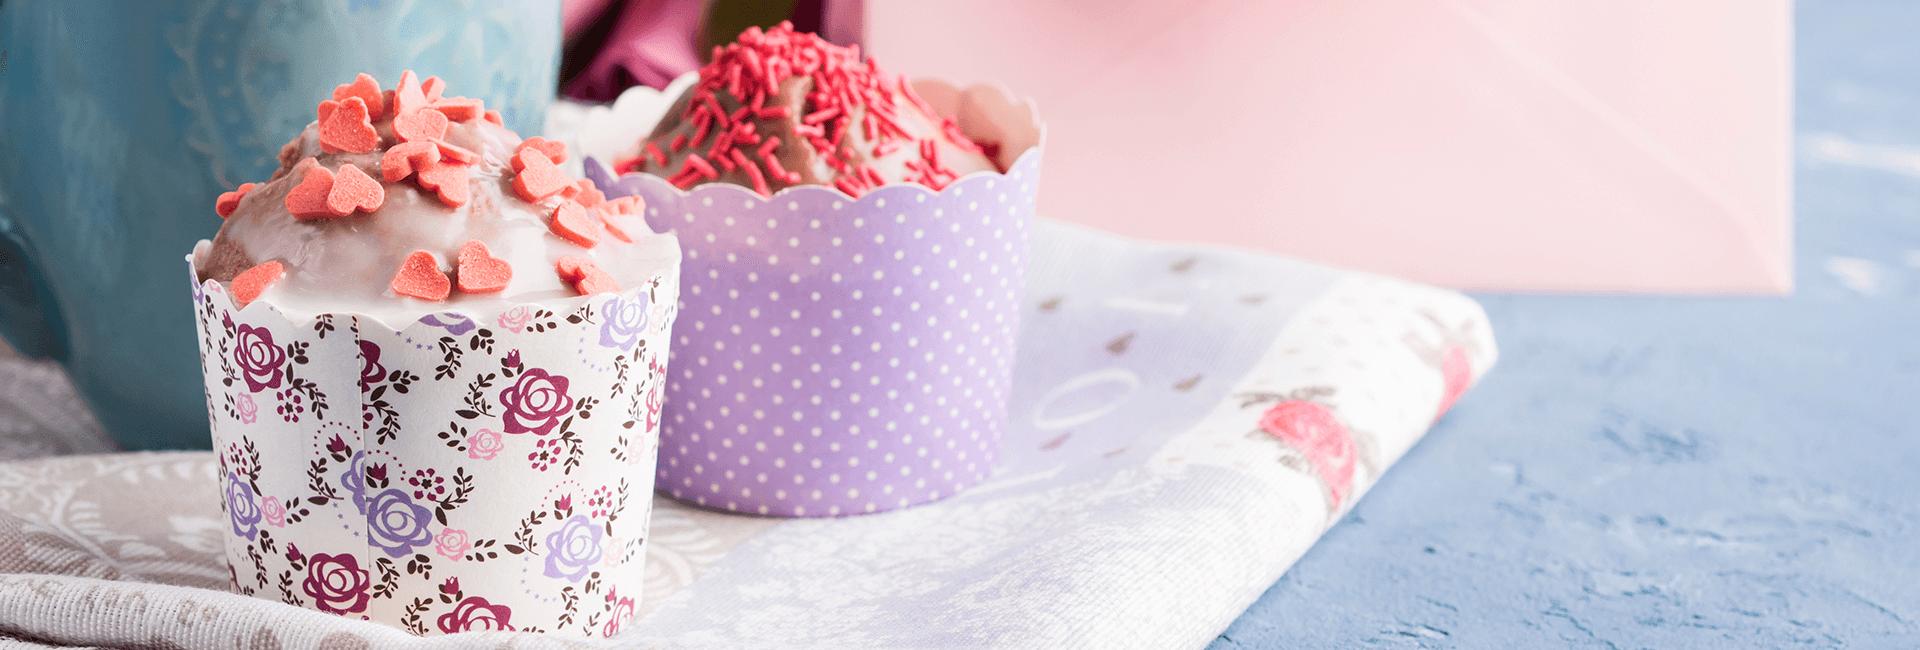 Baby Shower Muffins